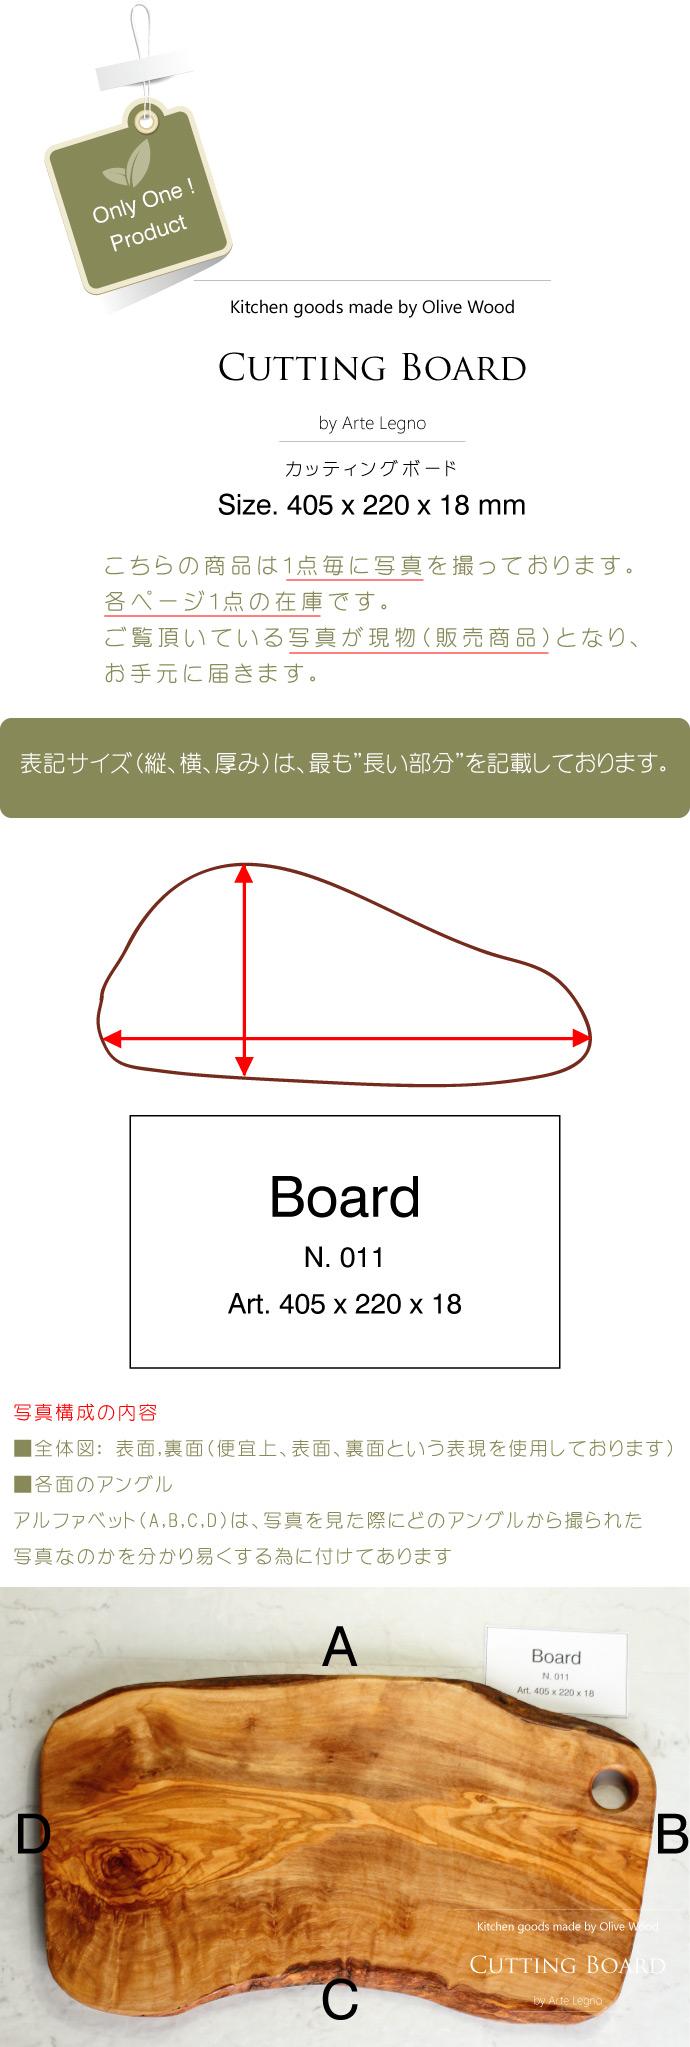 カッティングボード No.11 アルテレニョ社 イタリア製 (Italian Cutting Board made by Arte Legno Olive Wood) タイトル